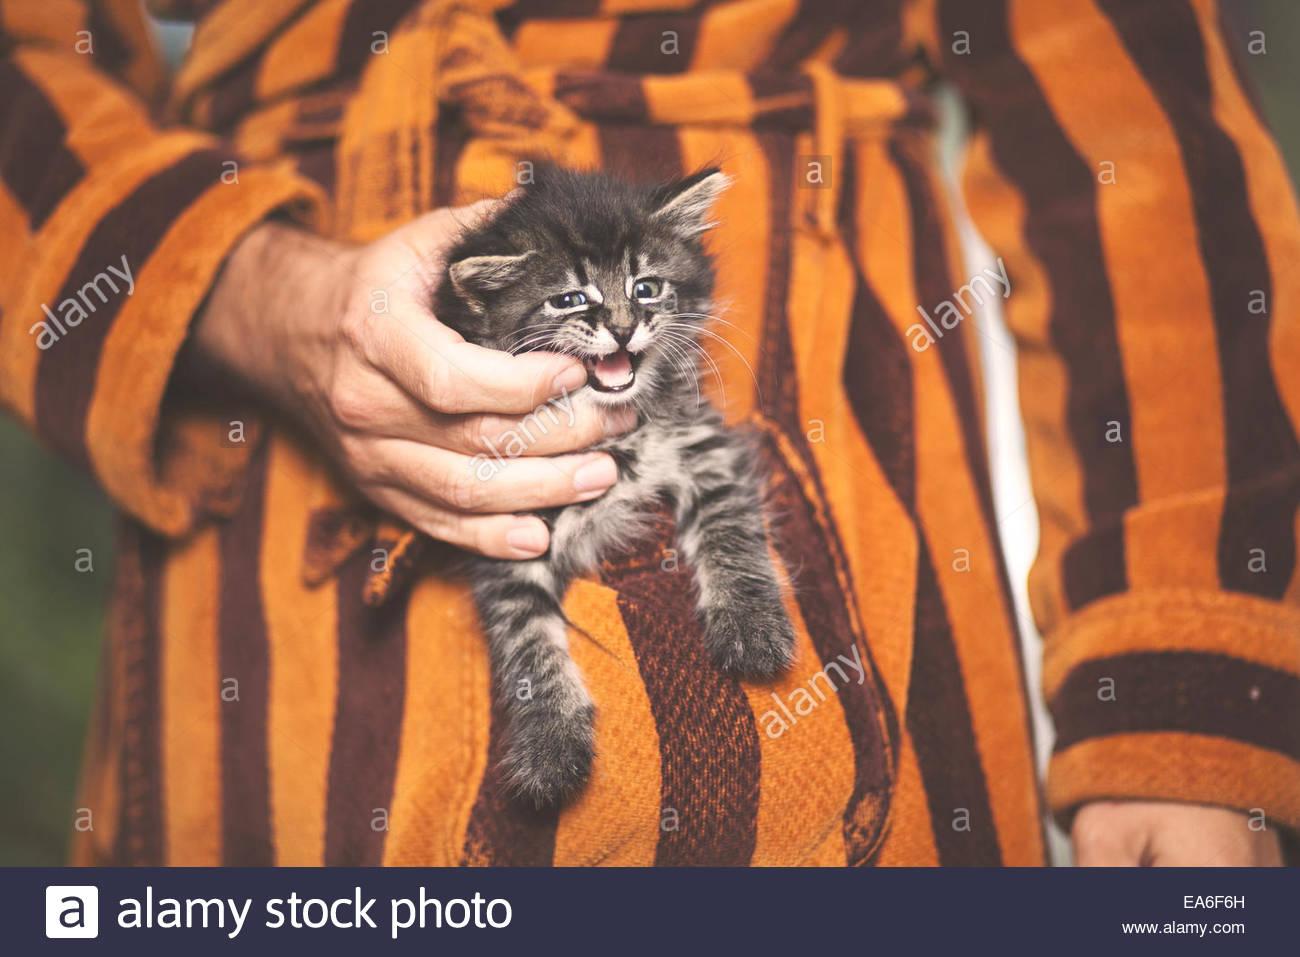 Uomo con un gattino nella tasca del suo accappatoio Immagini Stock